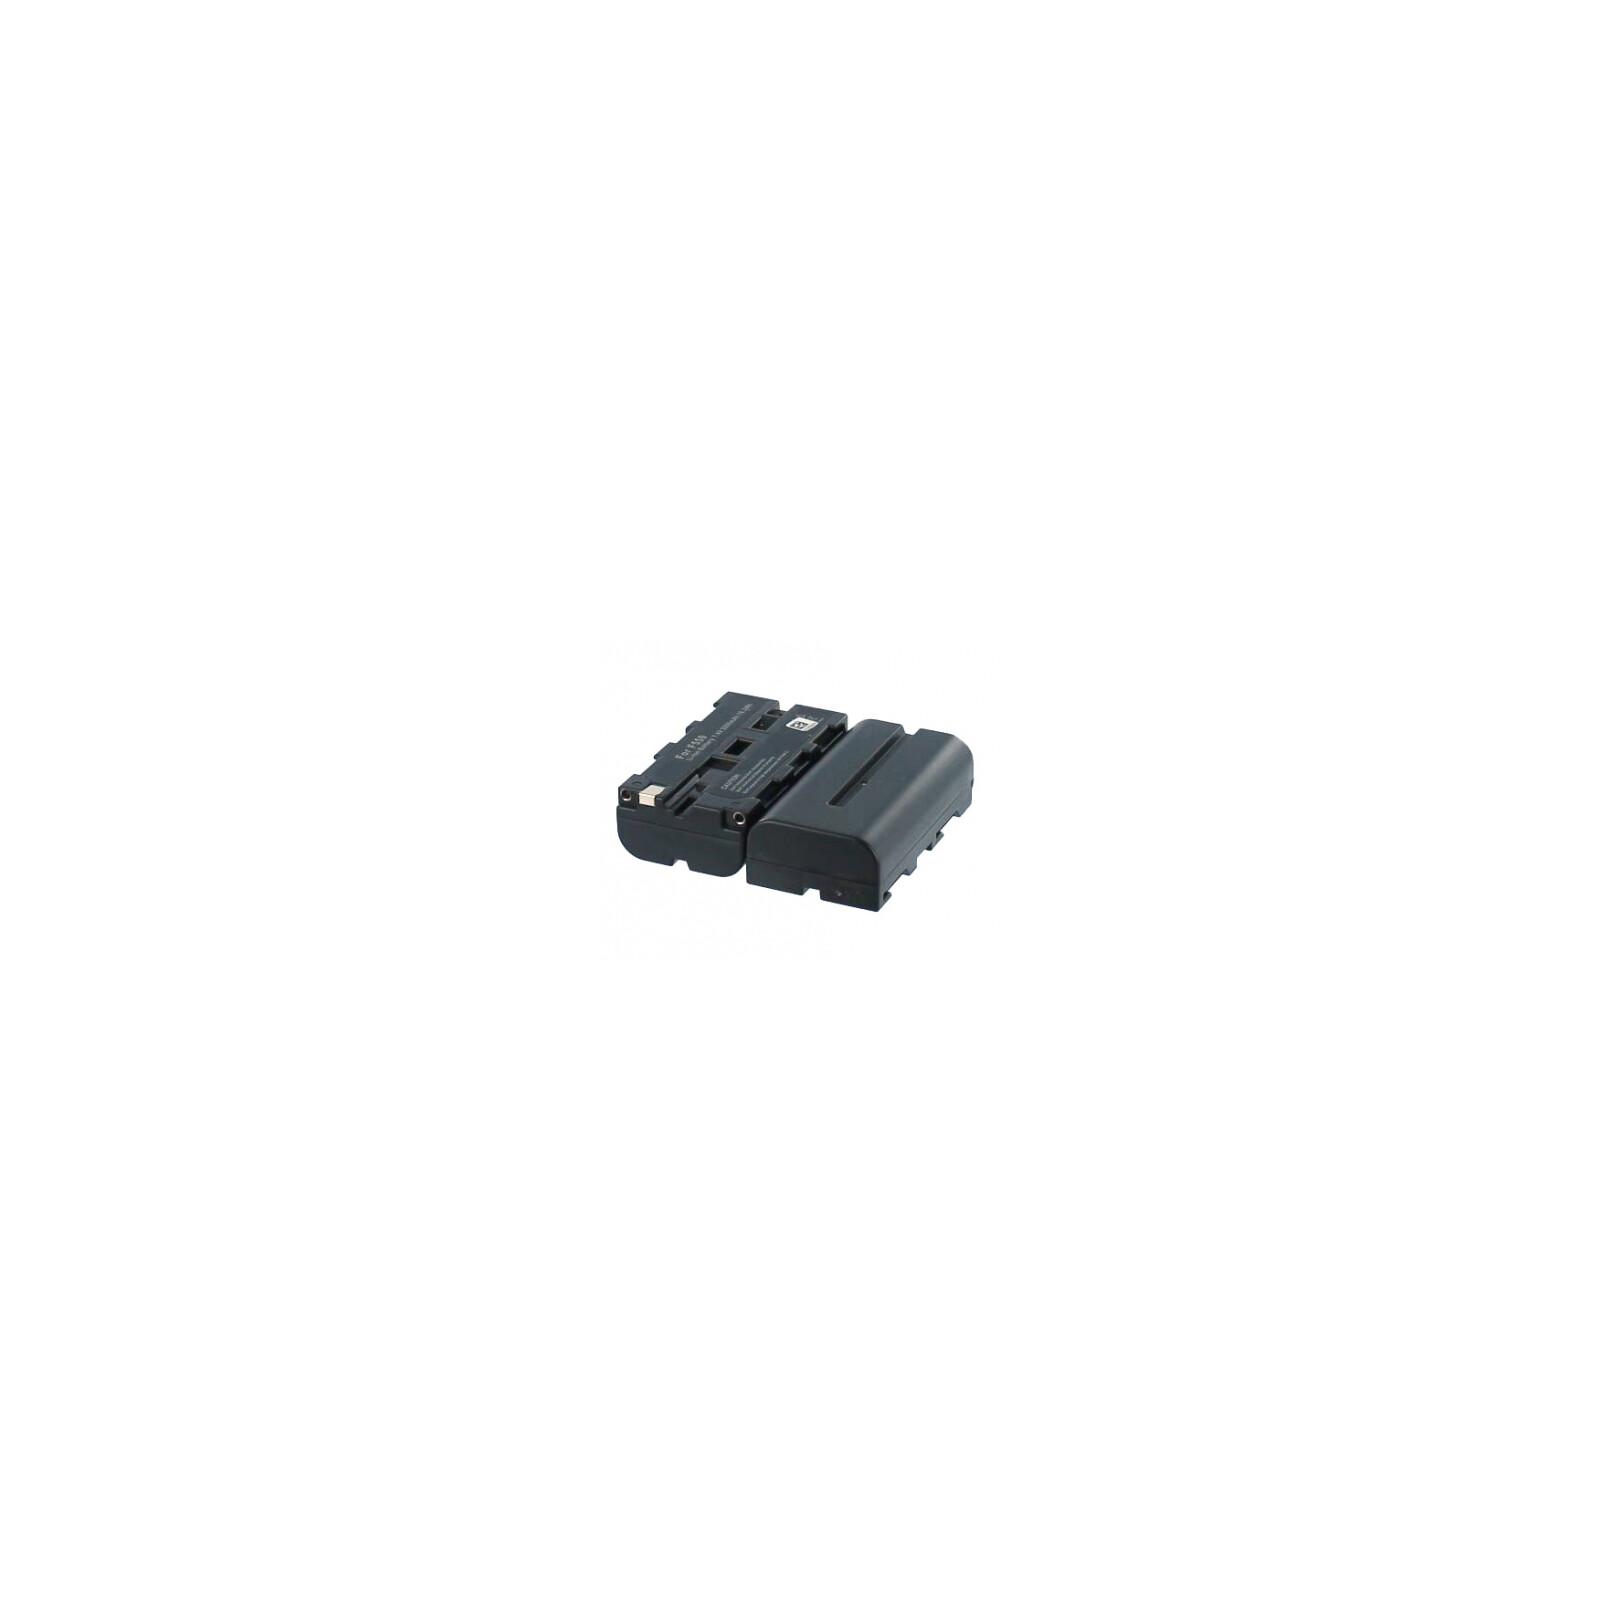 AGI 11618 Akku Sony DCR-TRV5